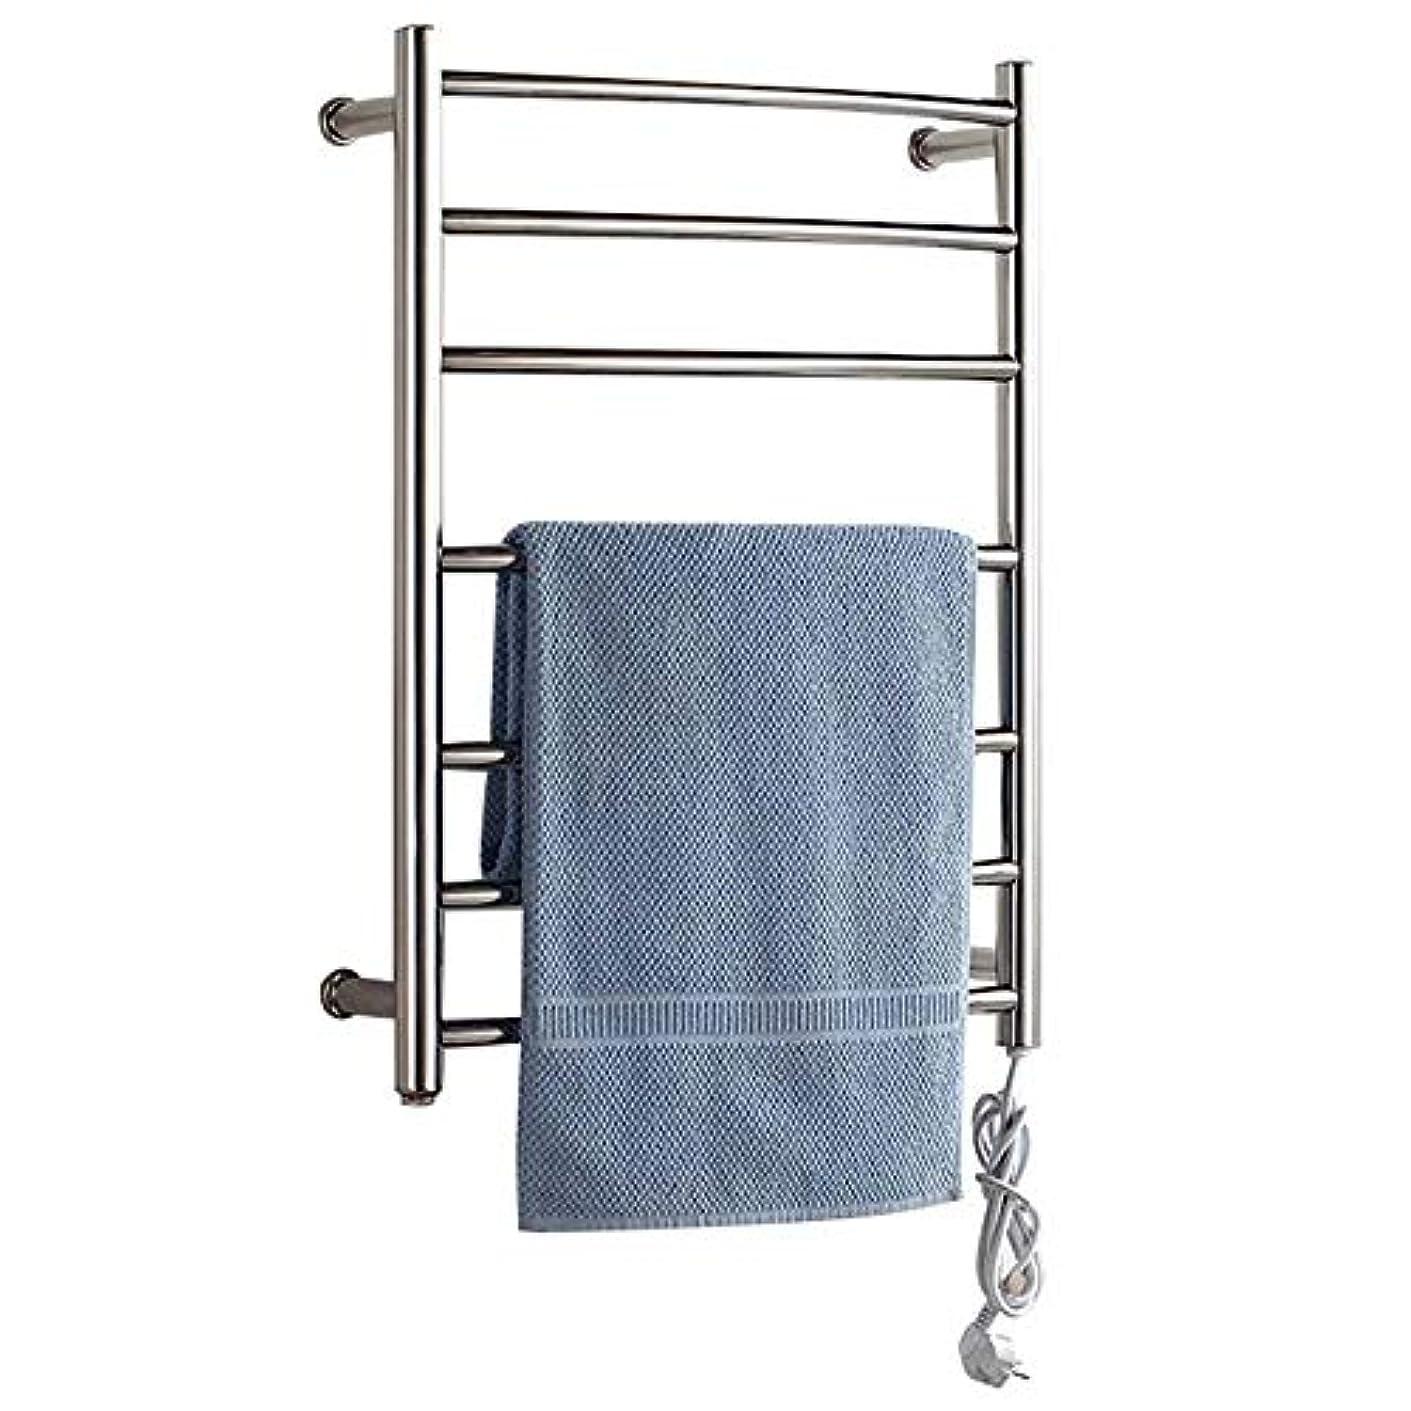 かき混ぜる解読するマダム壁掛け式電気タオルウォーマー、加熱タオルラック浴室ラジエーター、浴室乾燥ラック、304ステンレス鋼、恒温乾燥、防水および防錆700 * 520 * 125mm